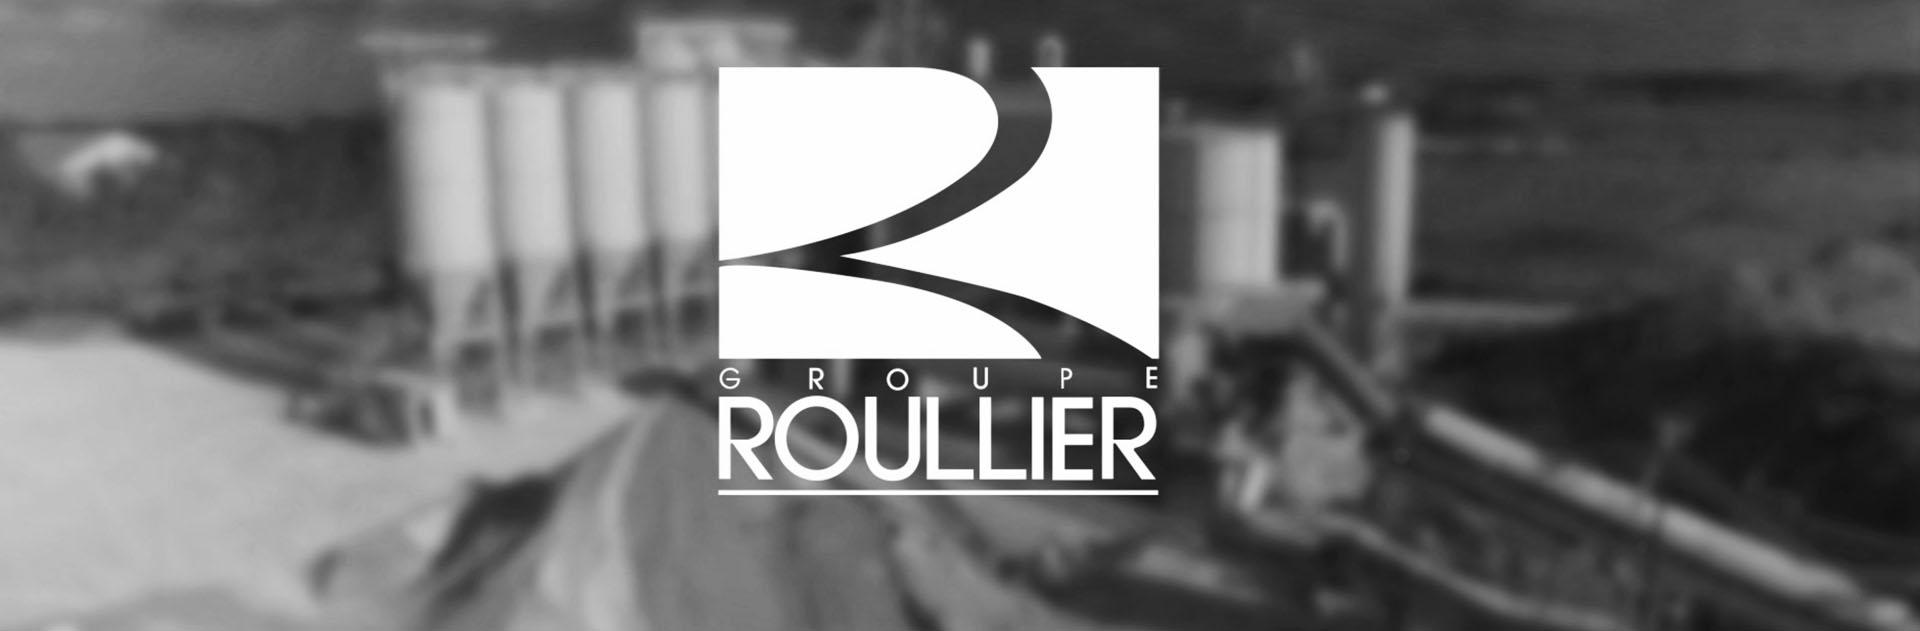 paul-et-malo-groupe-roullier